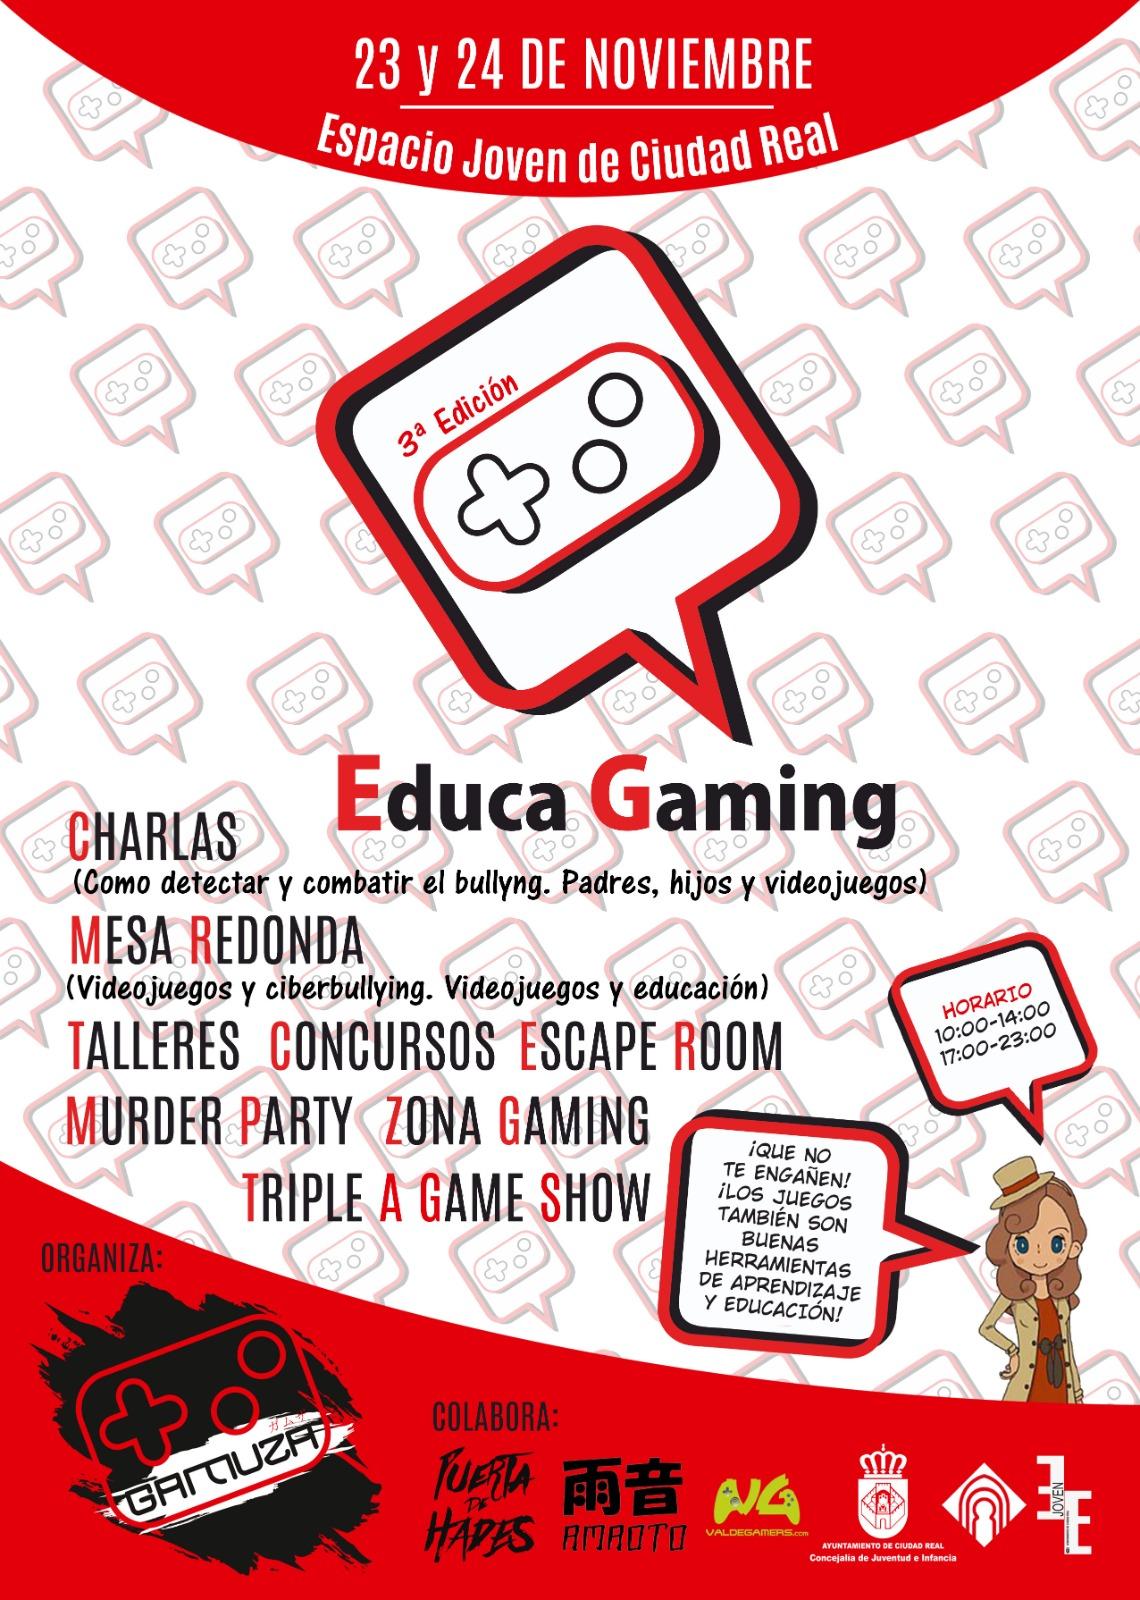 EducaGaming